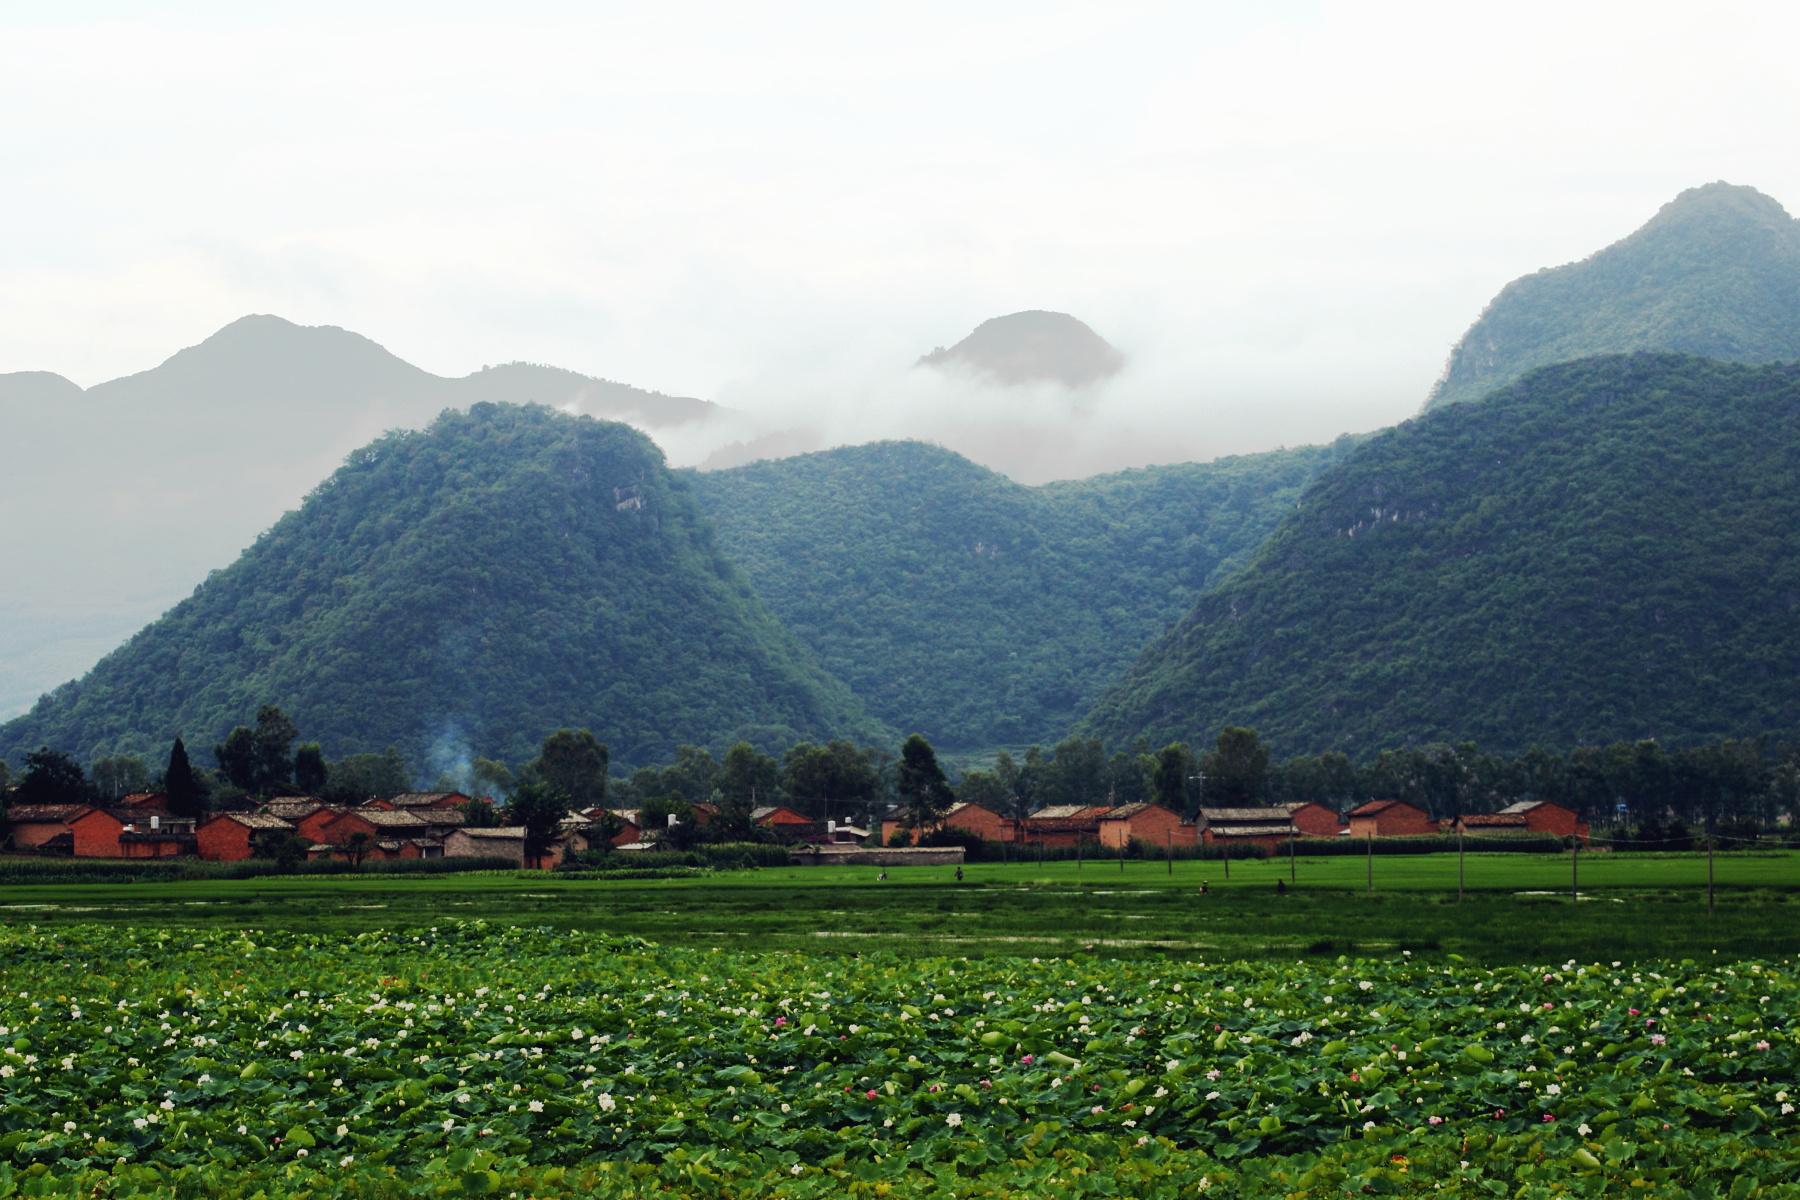 与中国的的多数县城一样,丘北县城本身,并没有太多的特别之处.